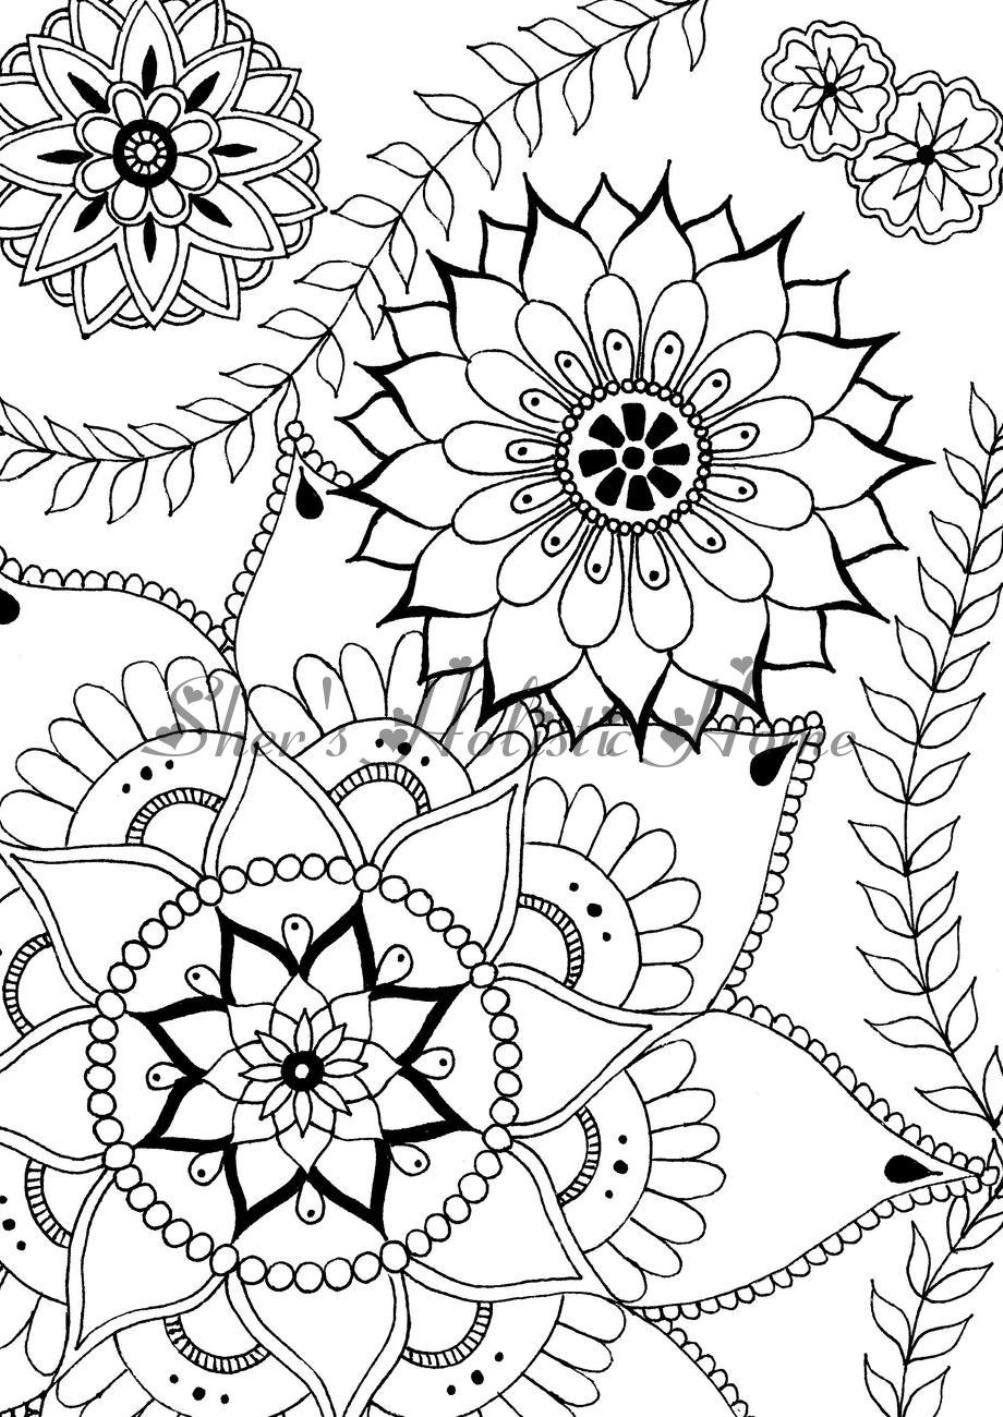 Flower Coloring Page, Mandala Coloring Page, Flower à Dessin De Fleure